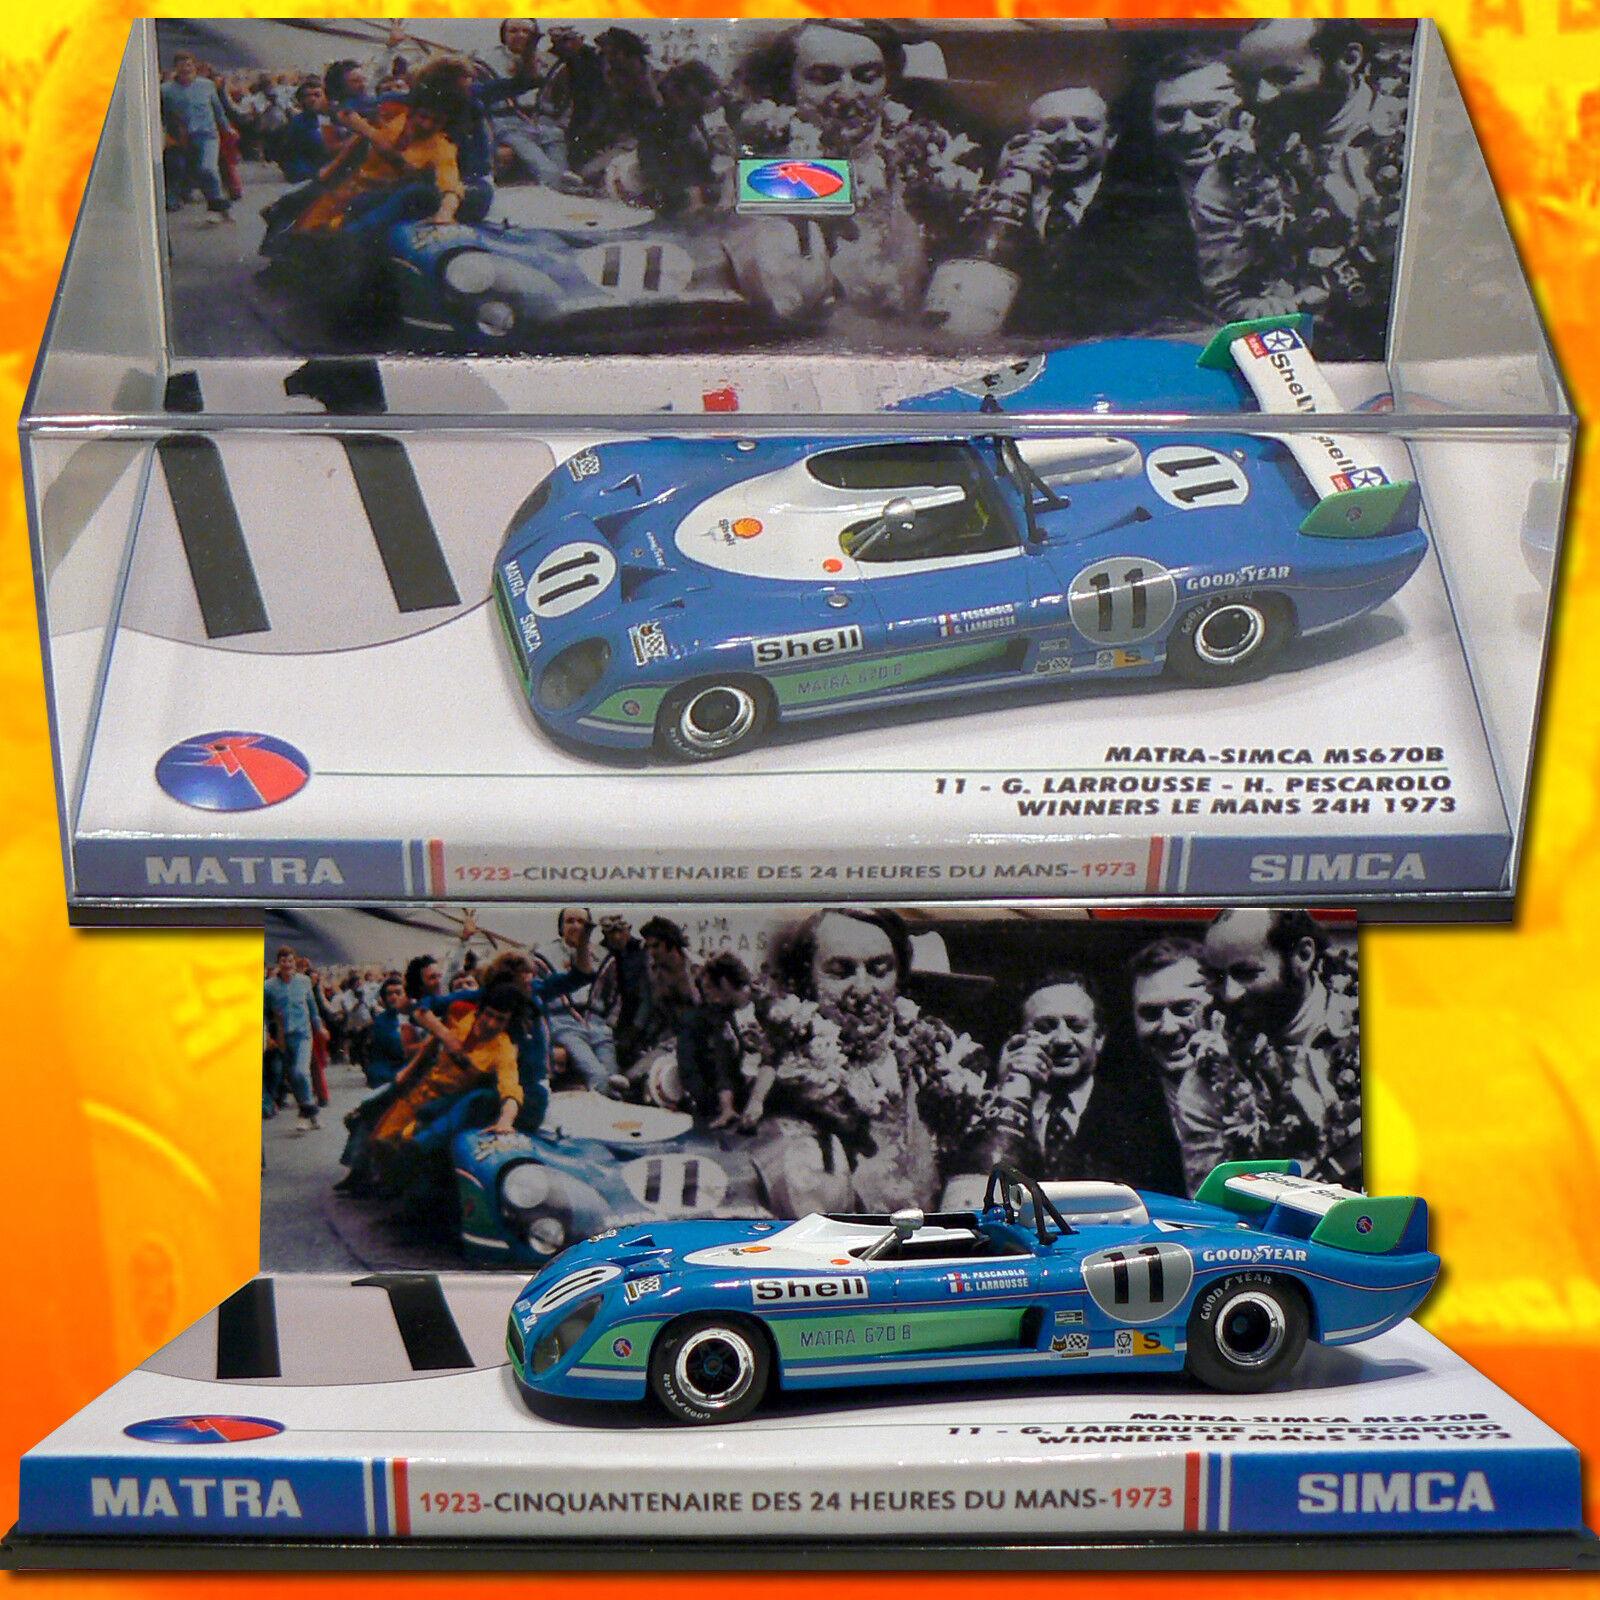 Nuevos productos de artículos novedosos. 217) Matra Matra Matra 670B  11 PesCocheolo-Larrousse Winner LM 1973.  vendiendo bien en todo el mundo